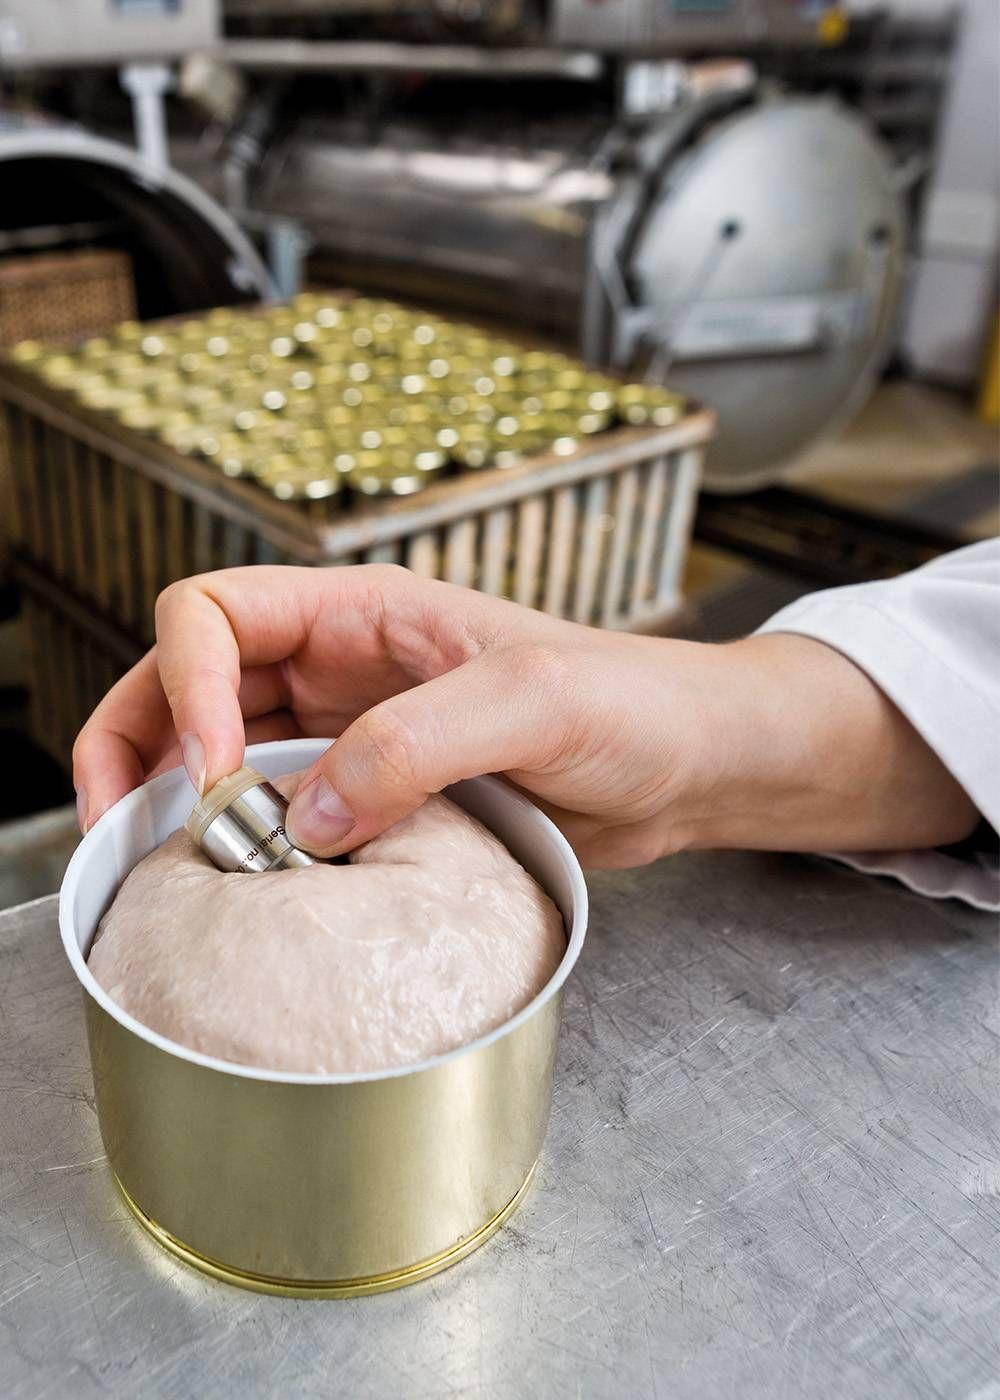 Sterilisation von Wurstkonserven mit testo 191